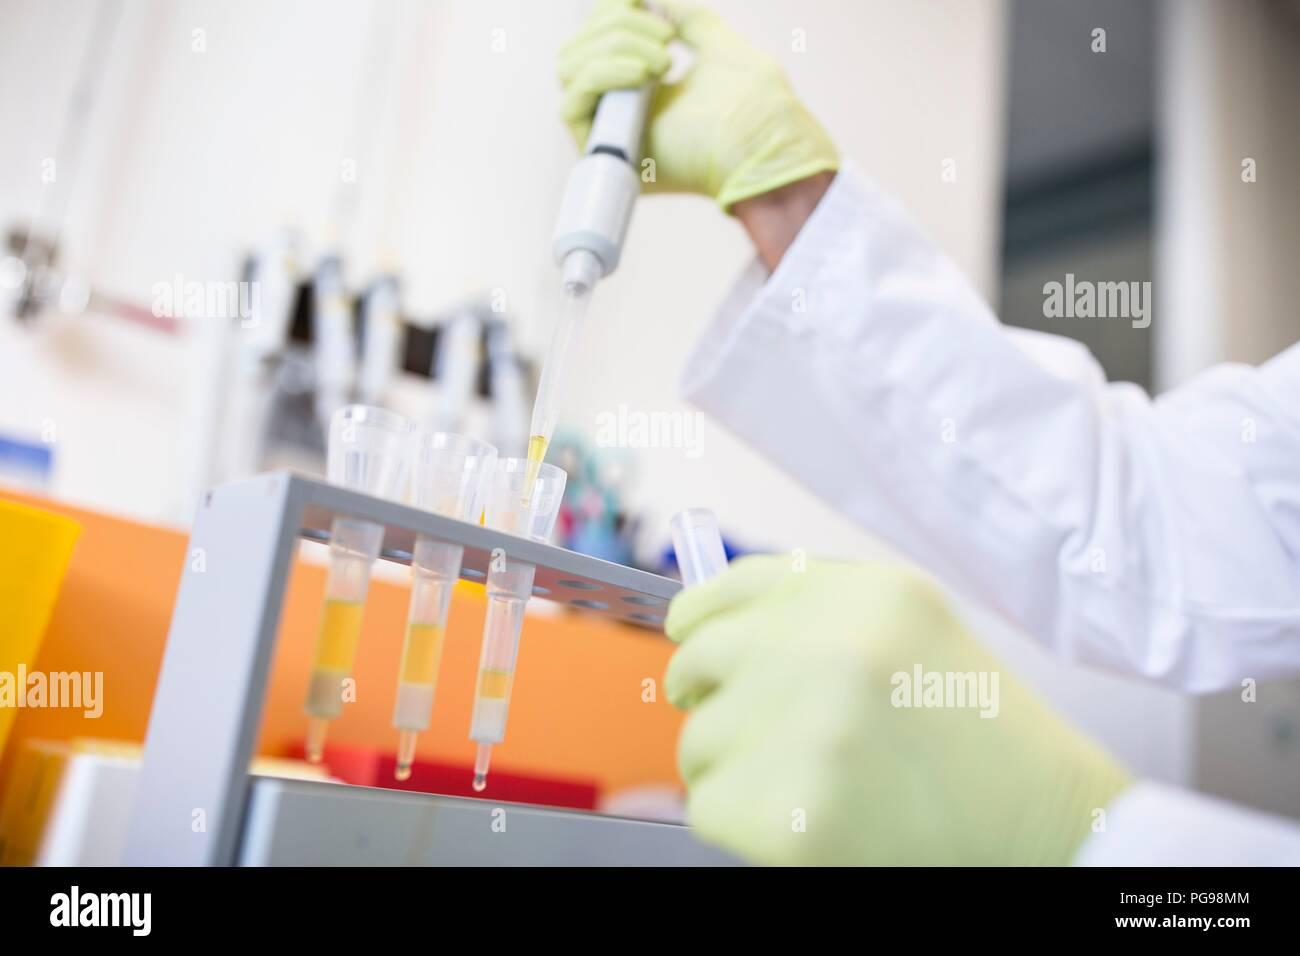 Les échantillons de pipetage technicien dans les cartouches pour l'extraction en phase solide (SPE). SPE est utilisé pour séparer les composés biologiques à partir d'un mélange d'approfondir l'analyse. Photo Stock